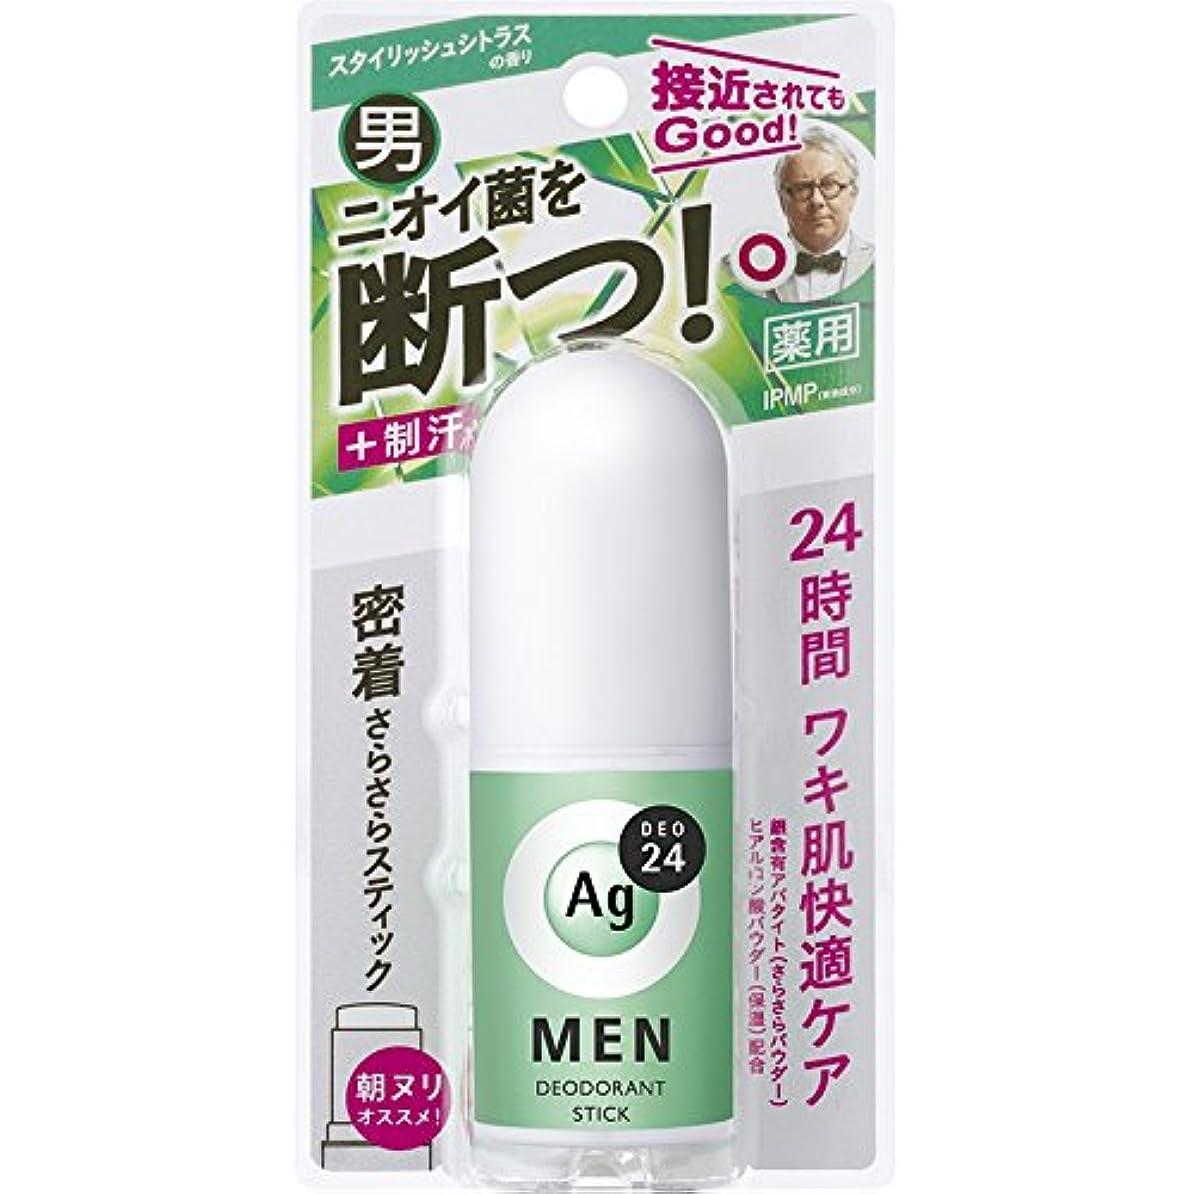 腰屈辱する手伝うエージーデオ24 メンズデオドラントスティック スタイリッシュシトラスの香り 20g